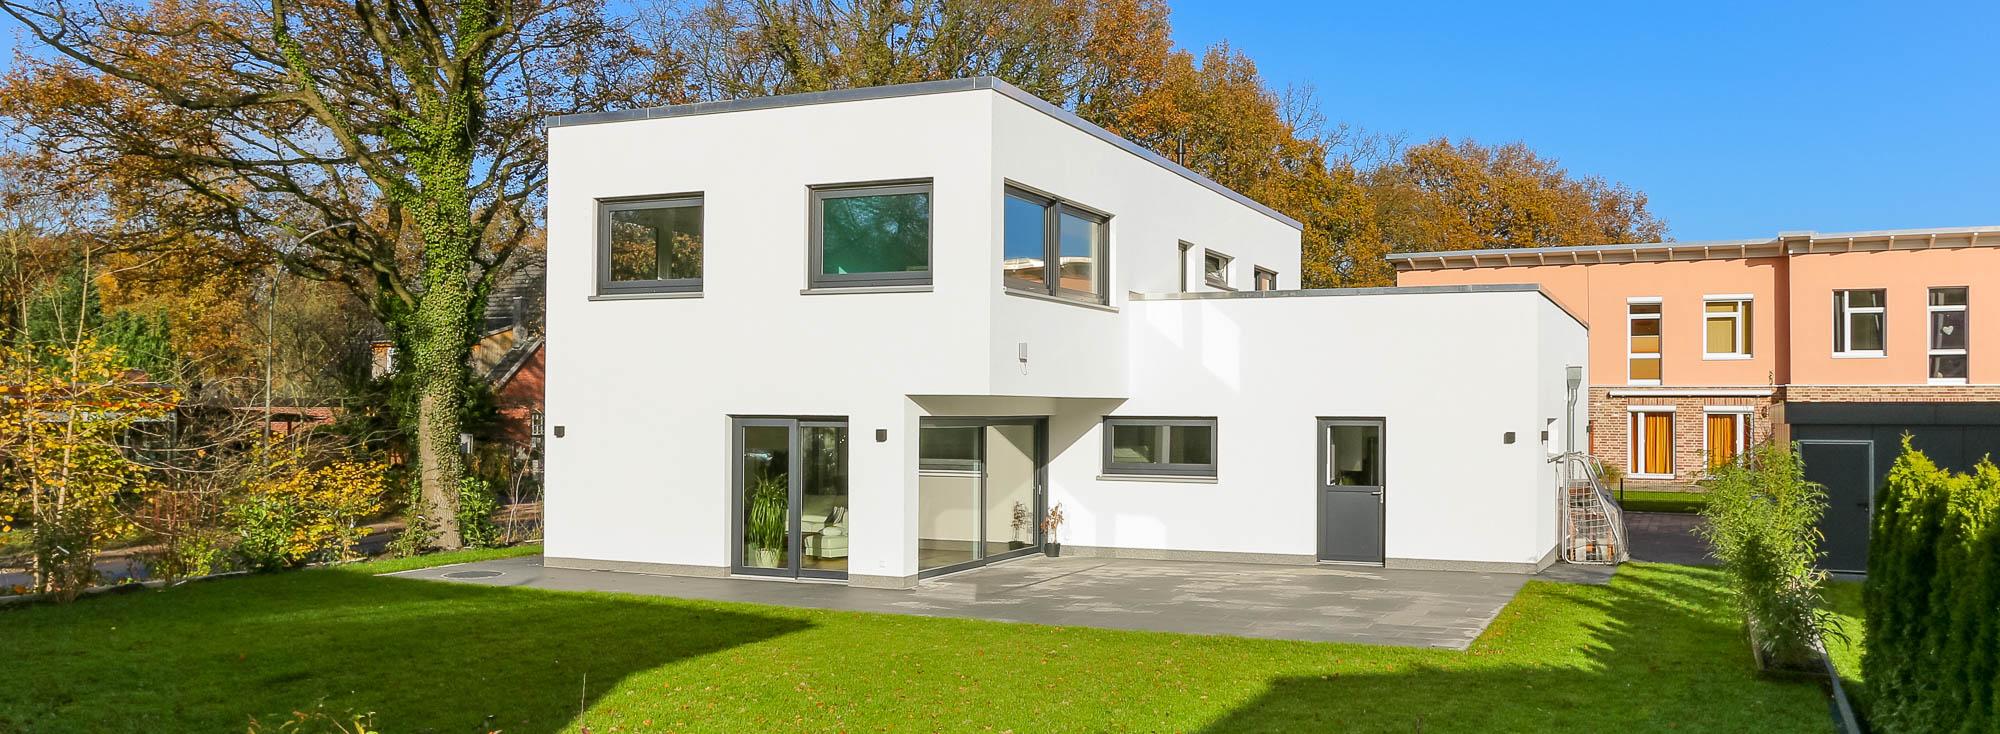 Bauhaus modern classic h user im bauhausstil for Bauhaus bauen